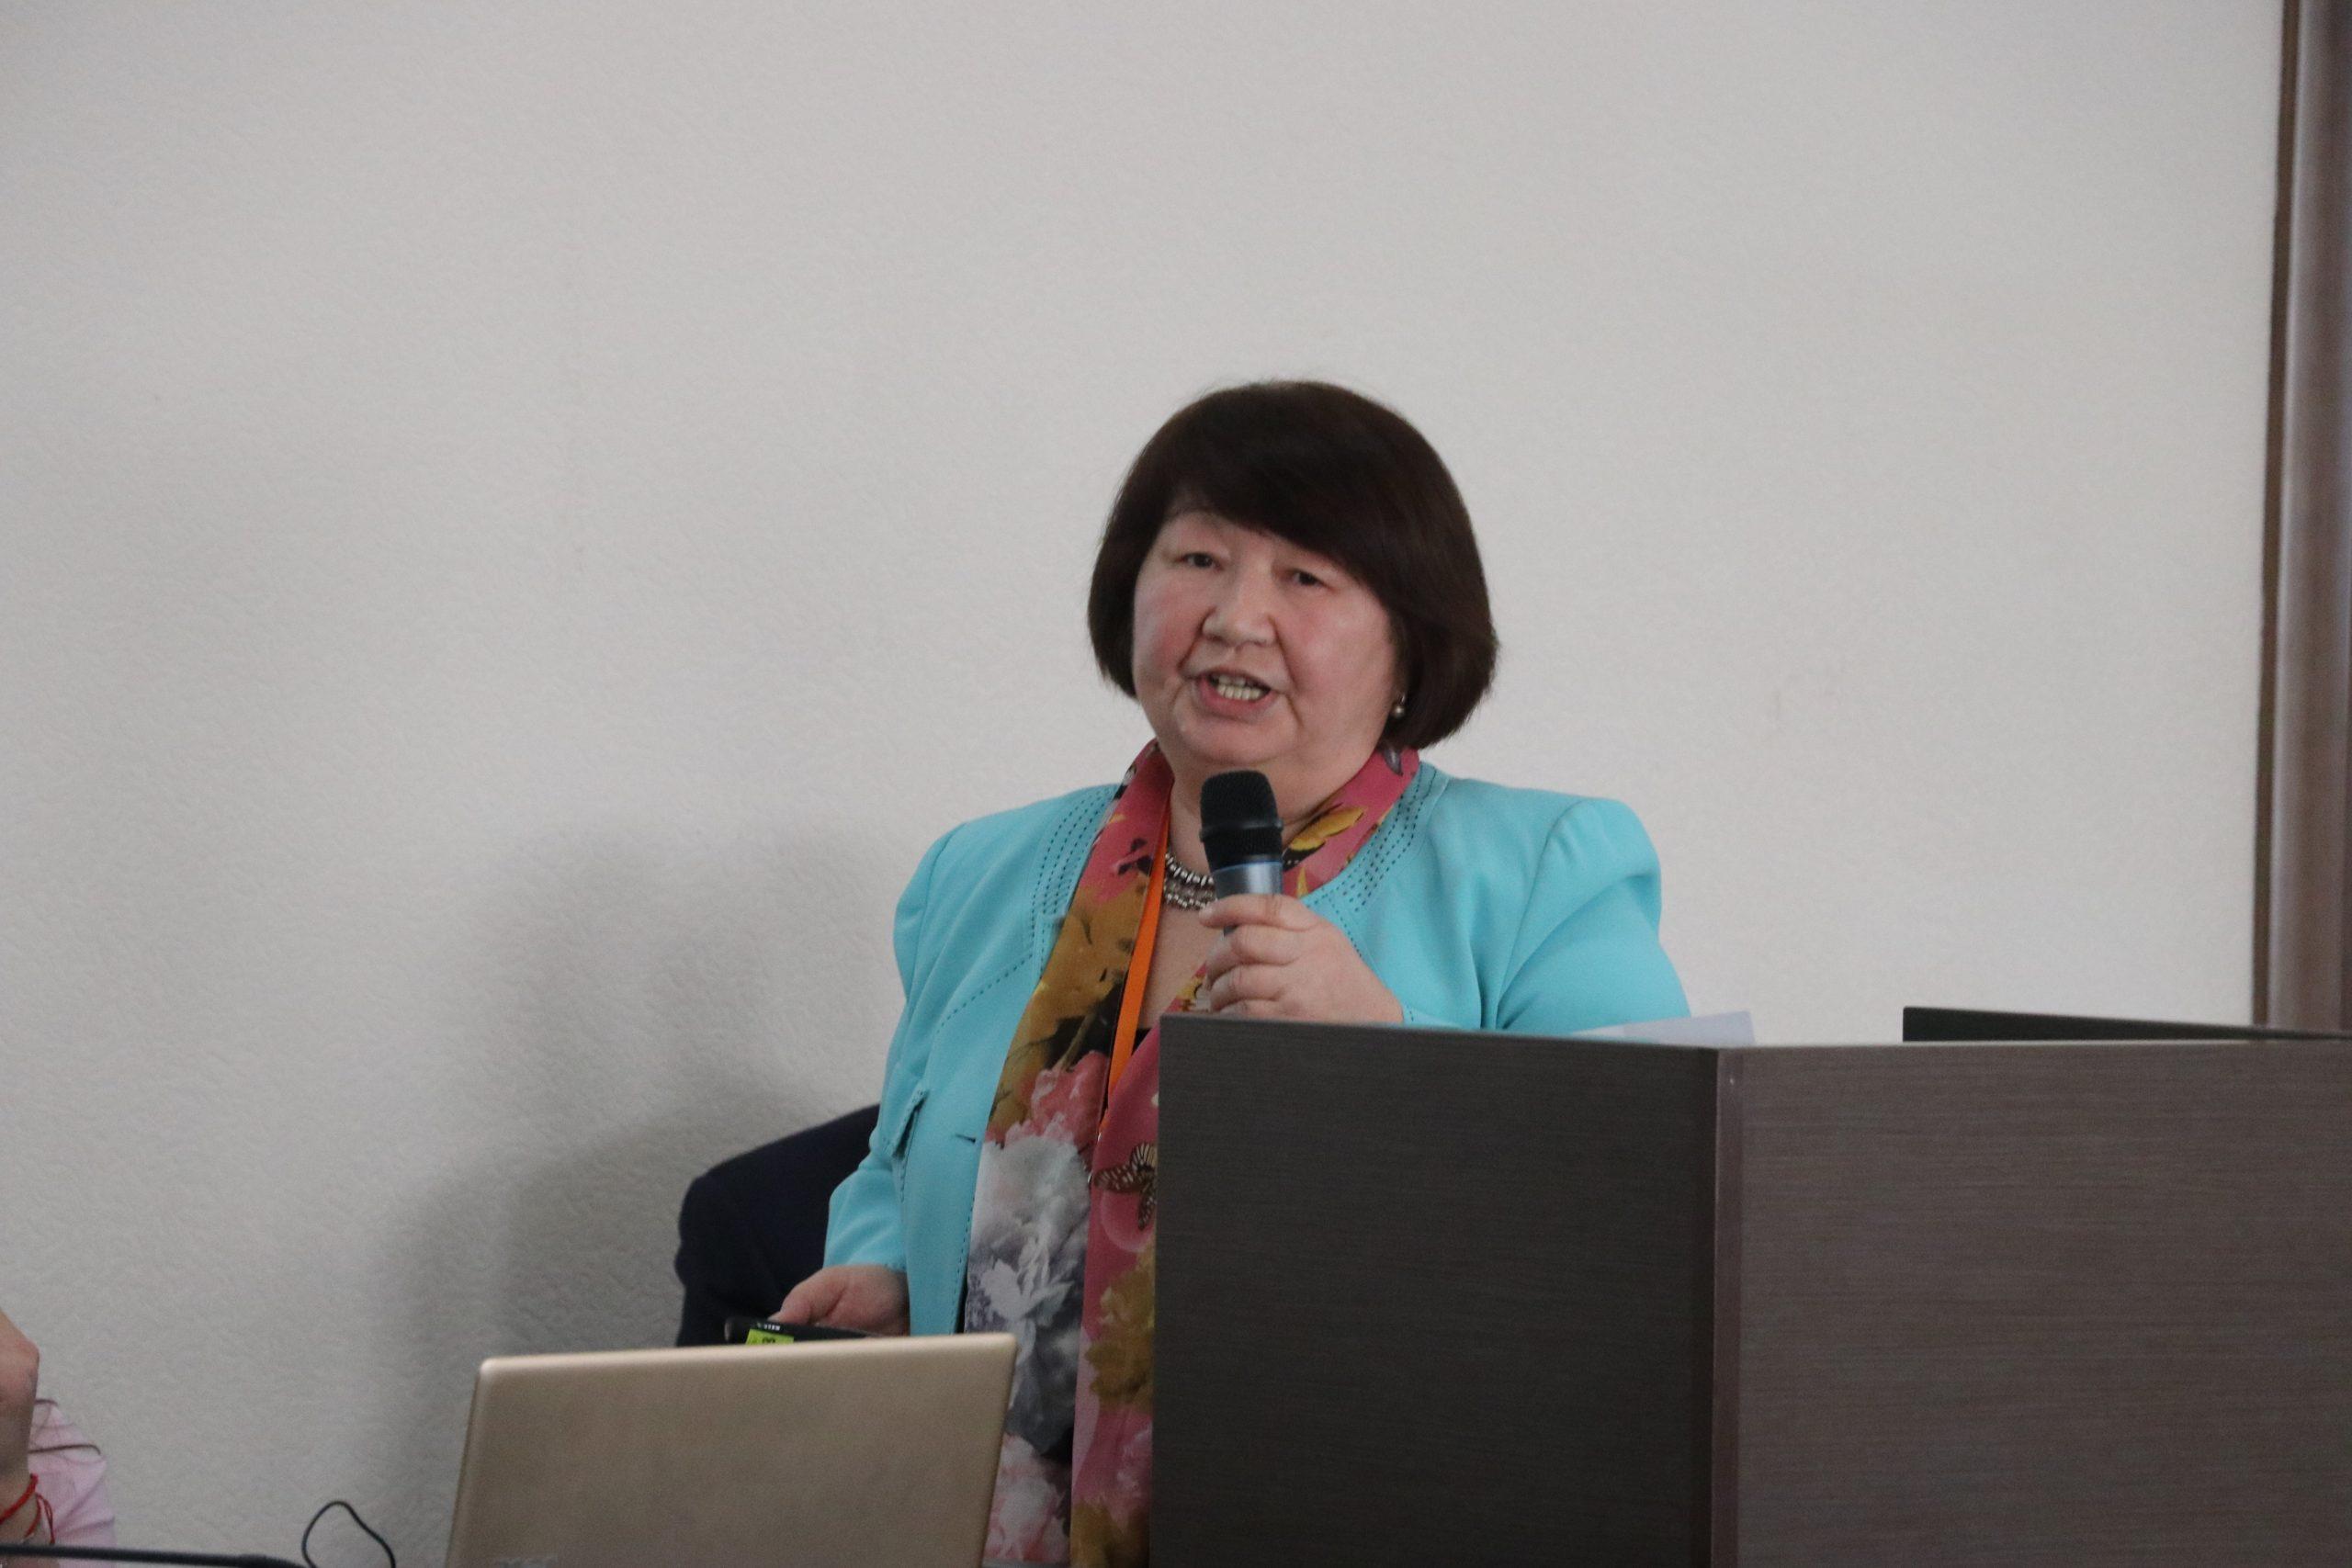 Медіаграмотність в Казахстані: треба включати критичне мислення